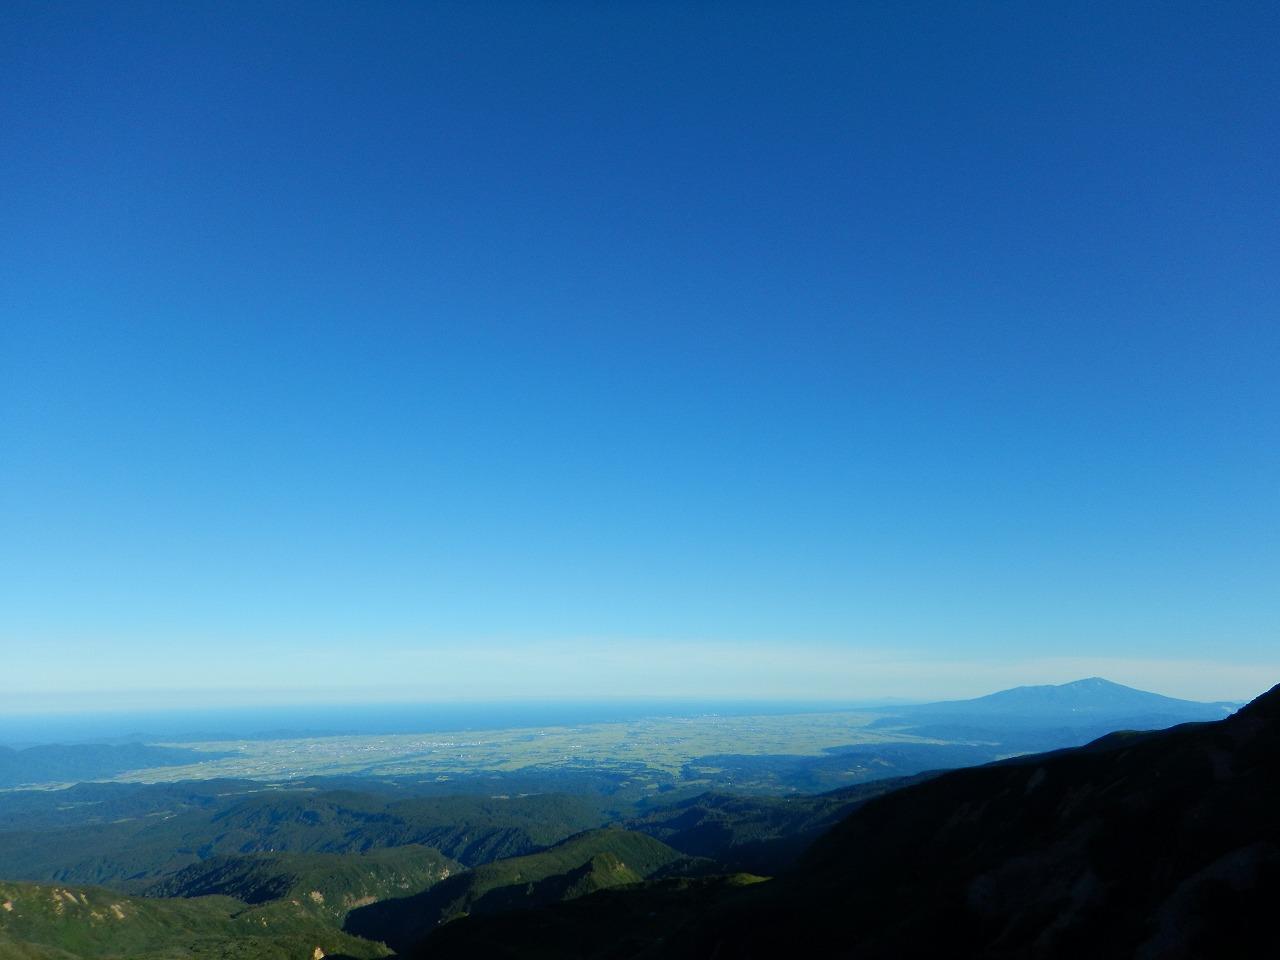 日本海と鳥海山、現る